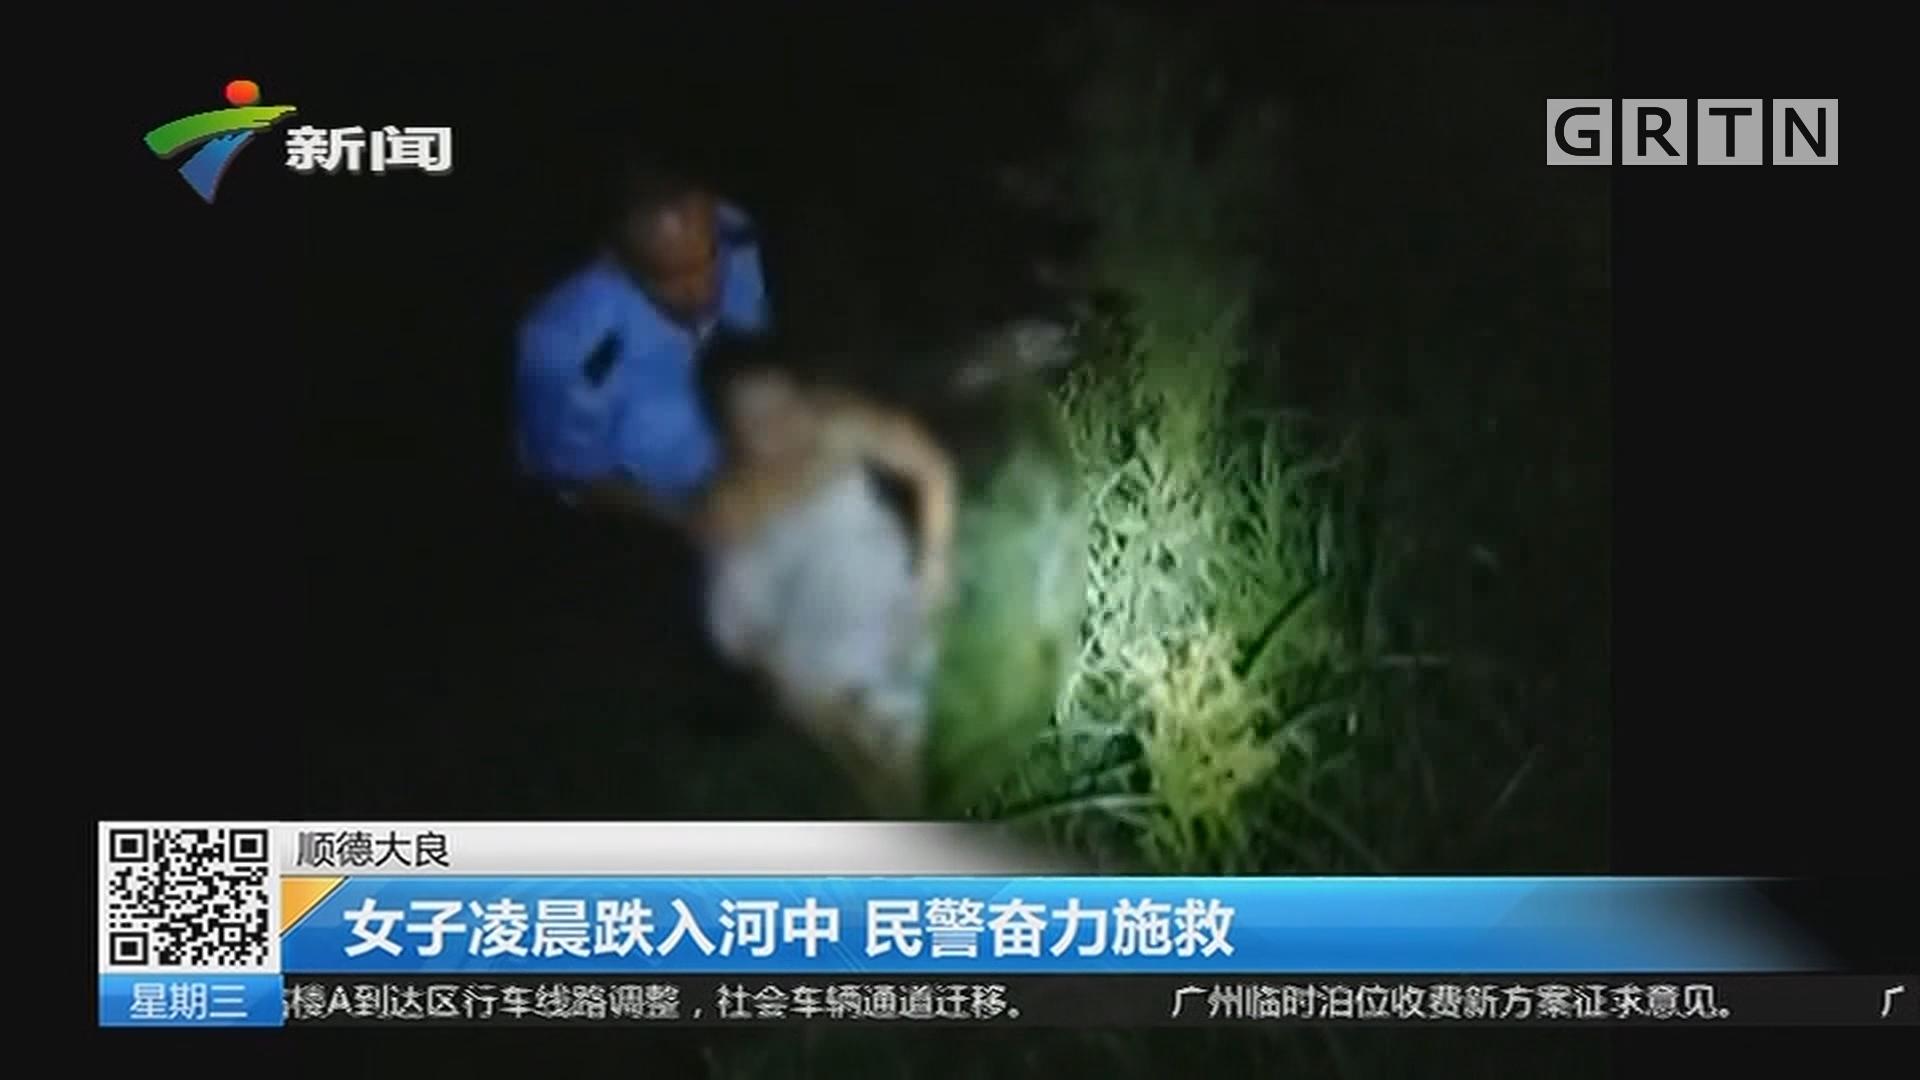 顺德大良:女子凌晨跌入河中 民警奋力施救